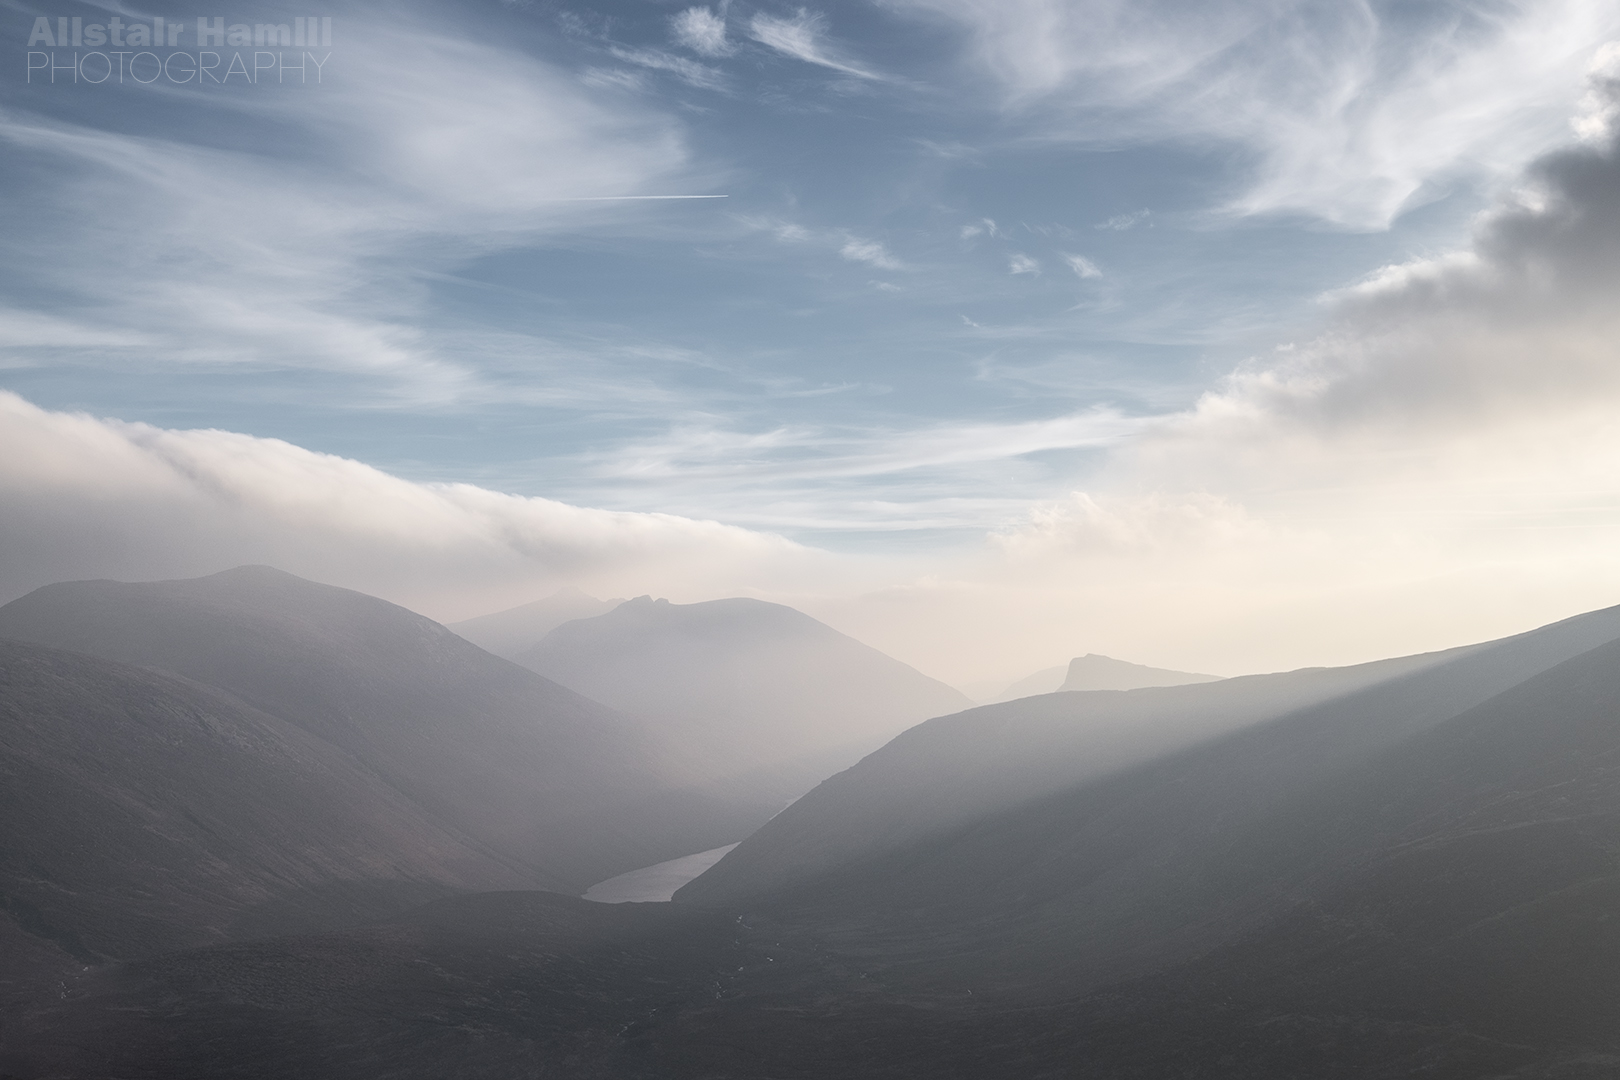 The soft light rests gently on Ben Crom reservoir